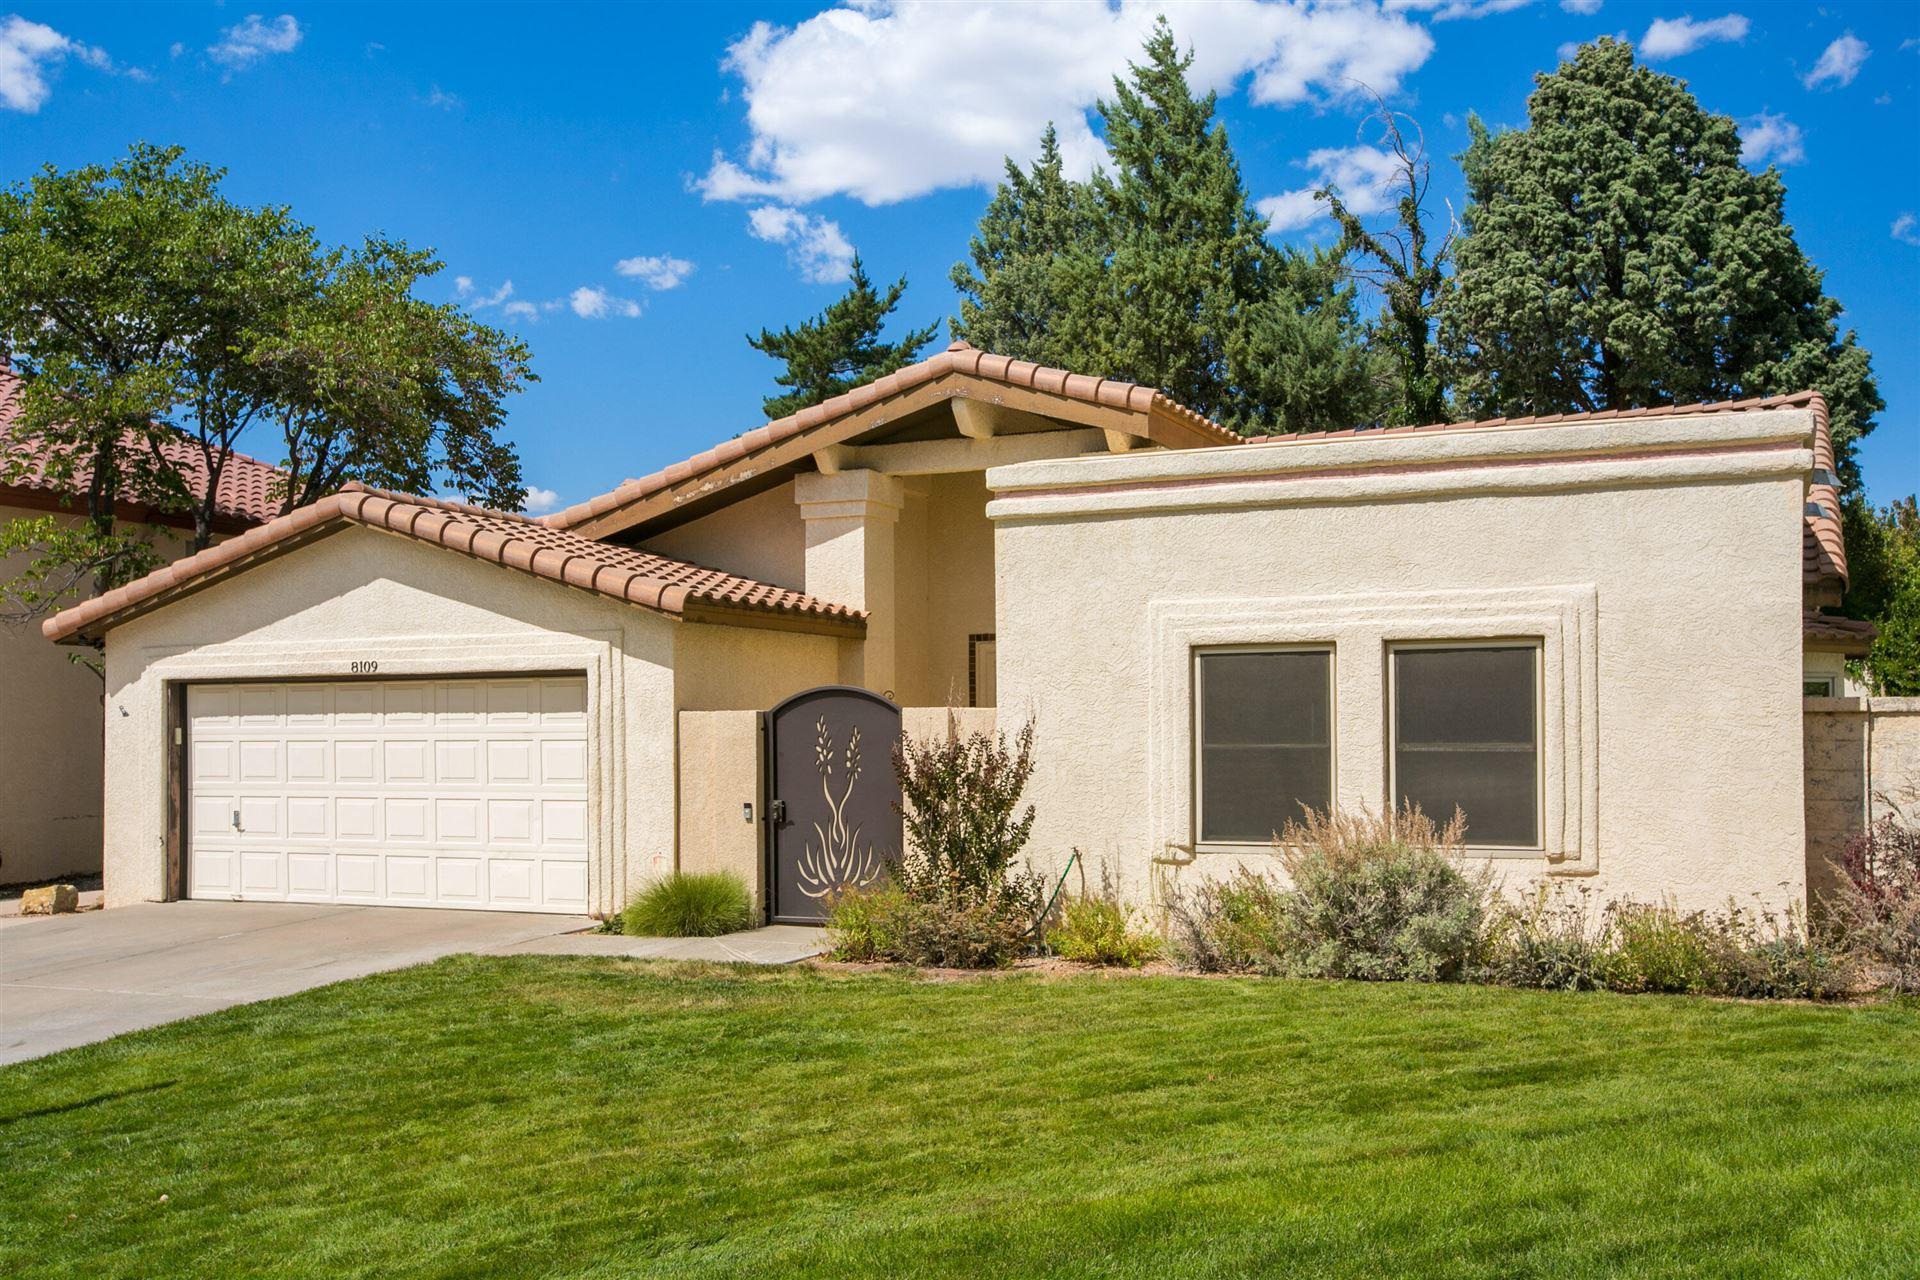 Photo of 8109 MORRIS RIPPEL Place NE, Albuquerque, NM 87122 (MLS # 1001049)